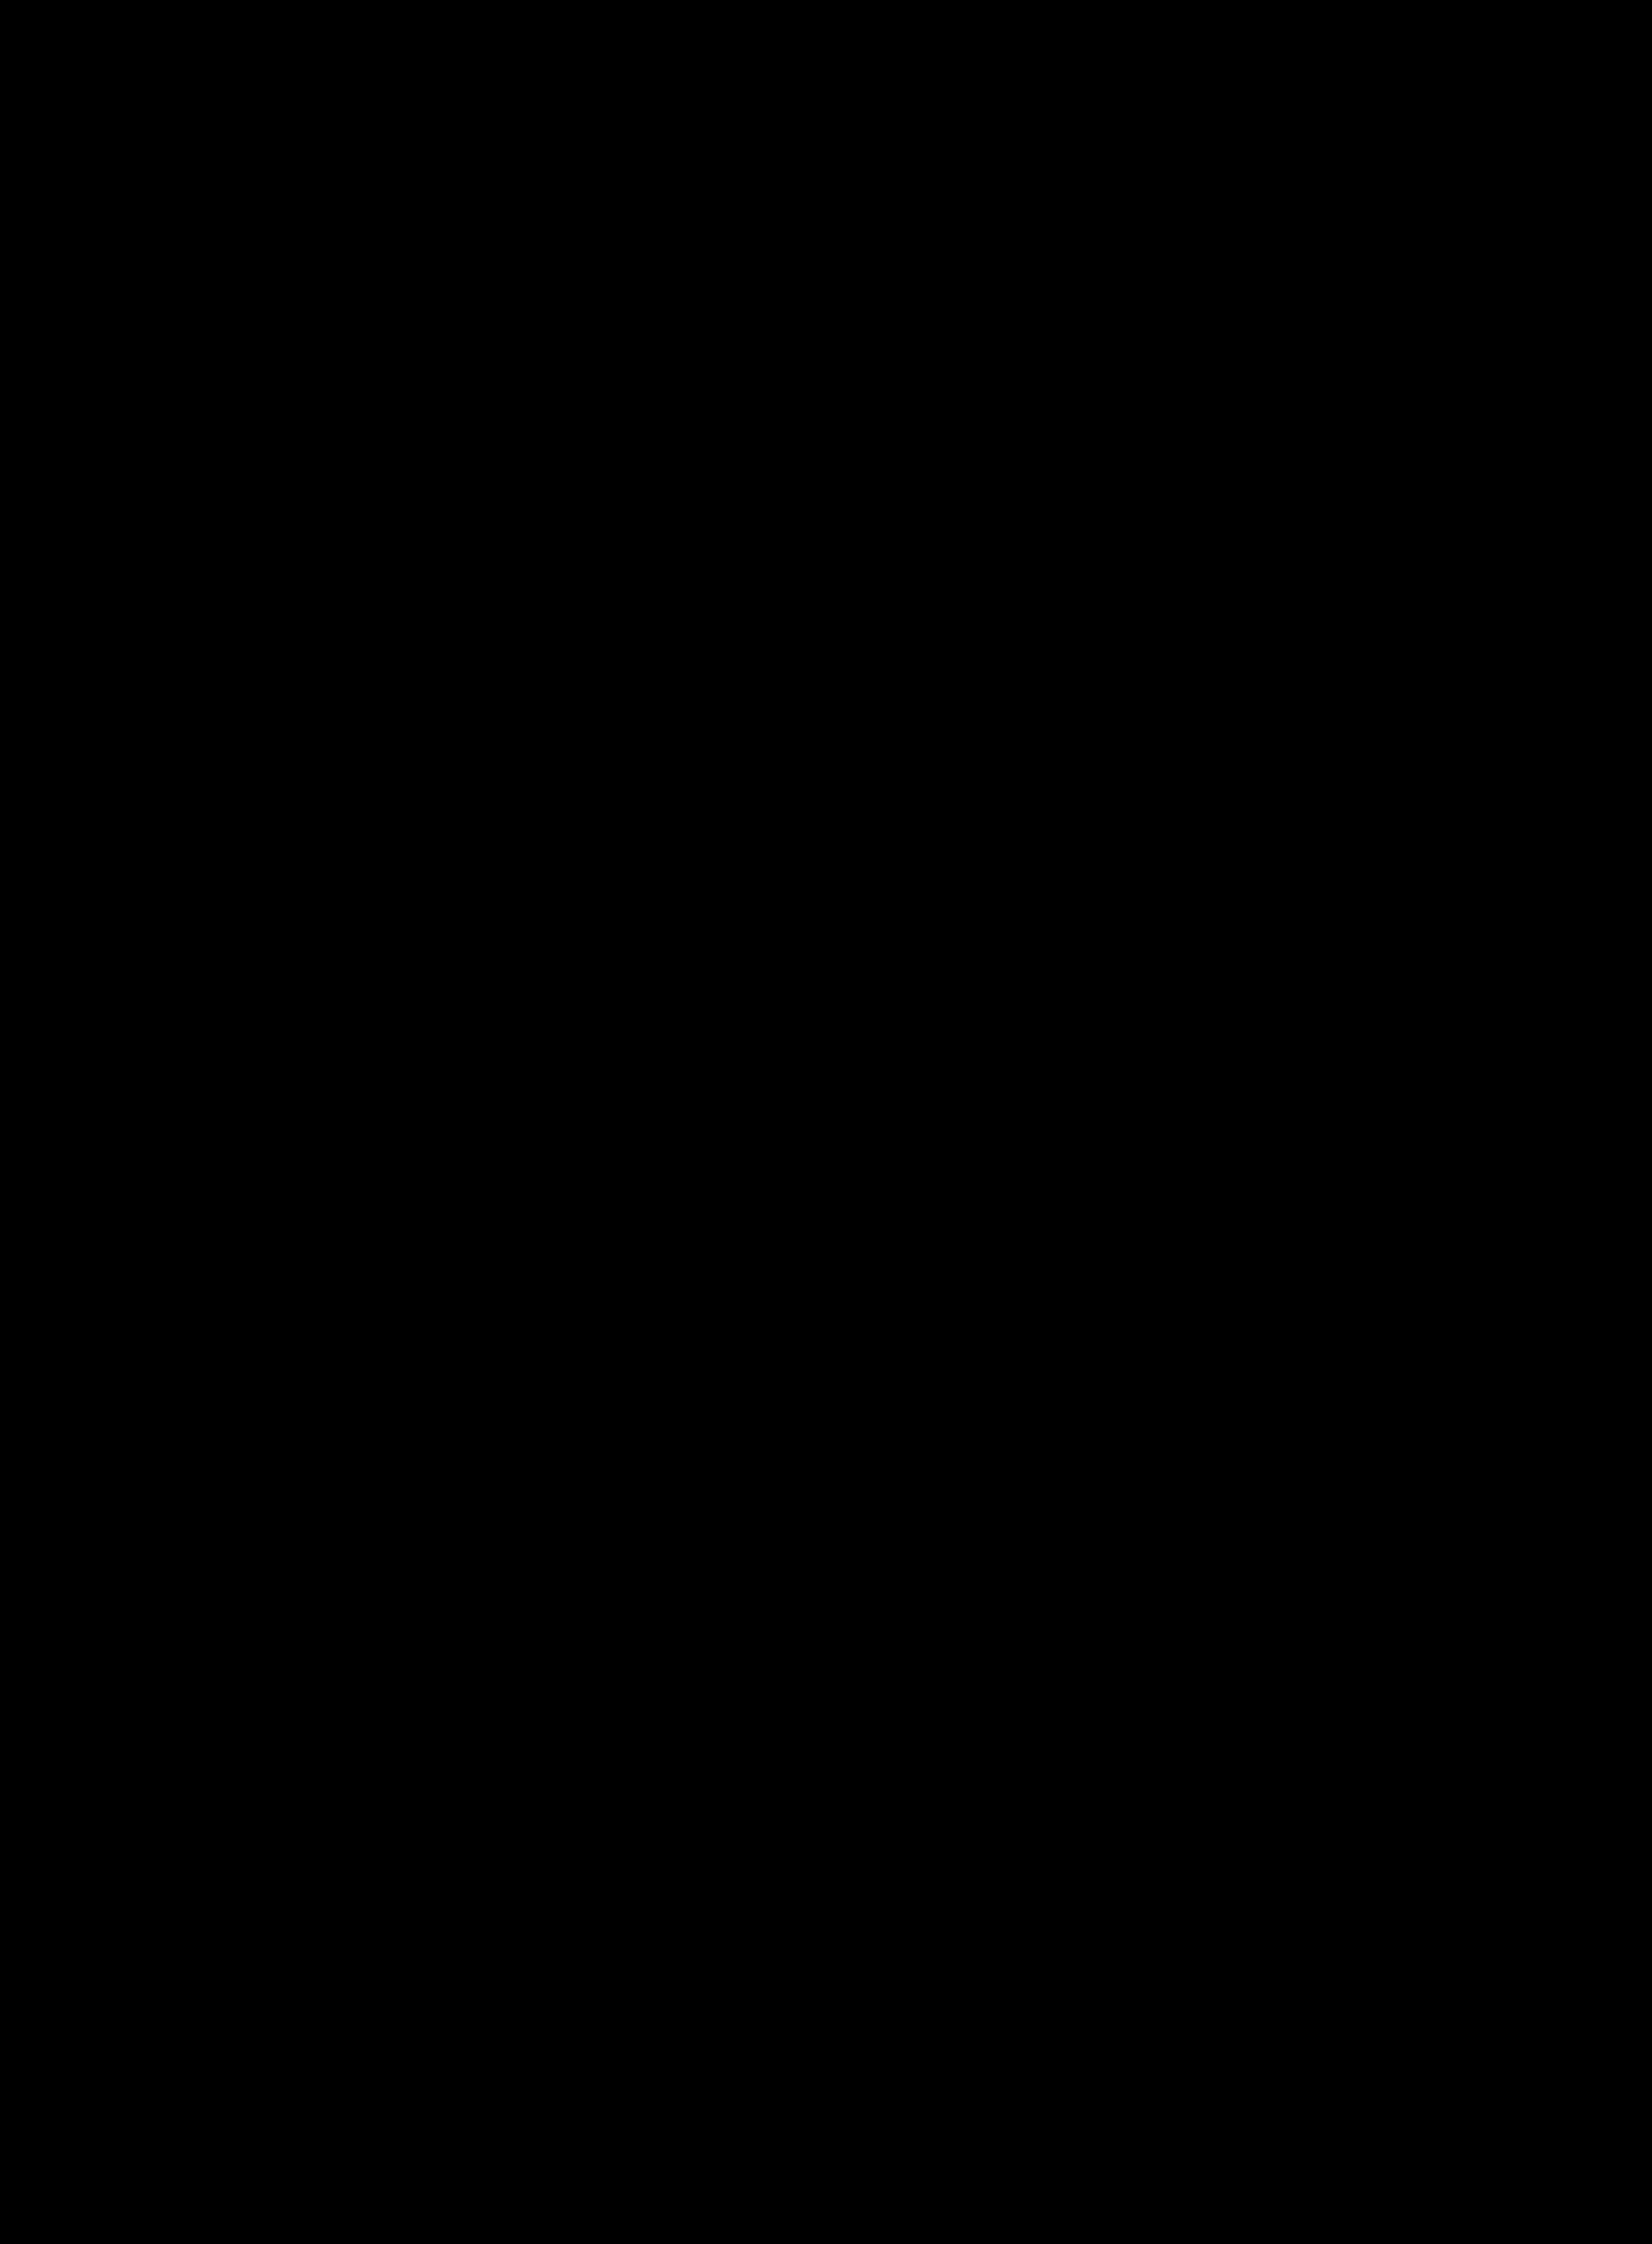 OTTANTASEI